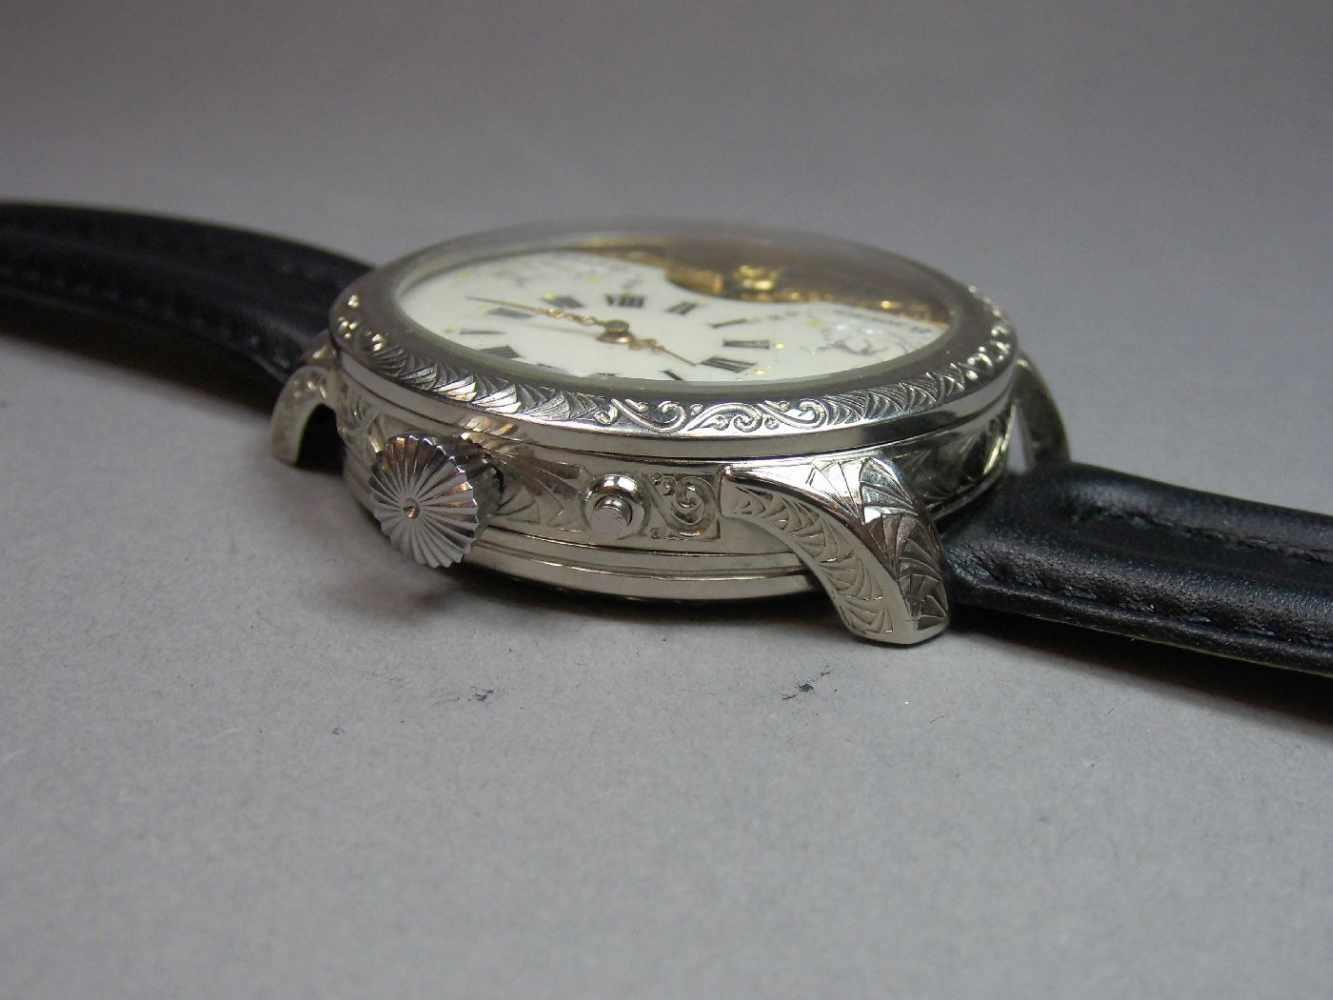 Lot 49 - ARMBANDUHR / MARIAGE / wristwatch, 20. Jh., Handaufzug (Krone & Drücker). Französisches 8-Tage-